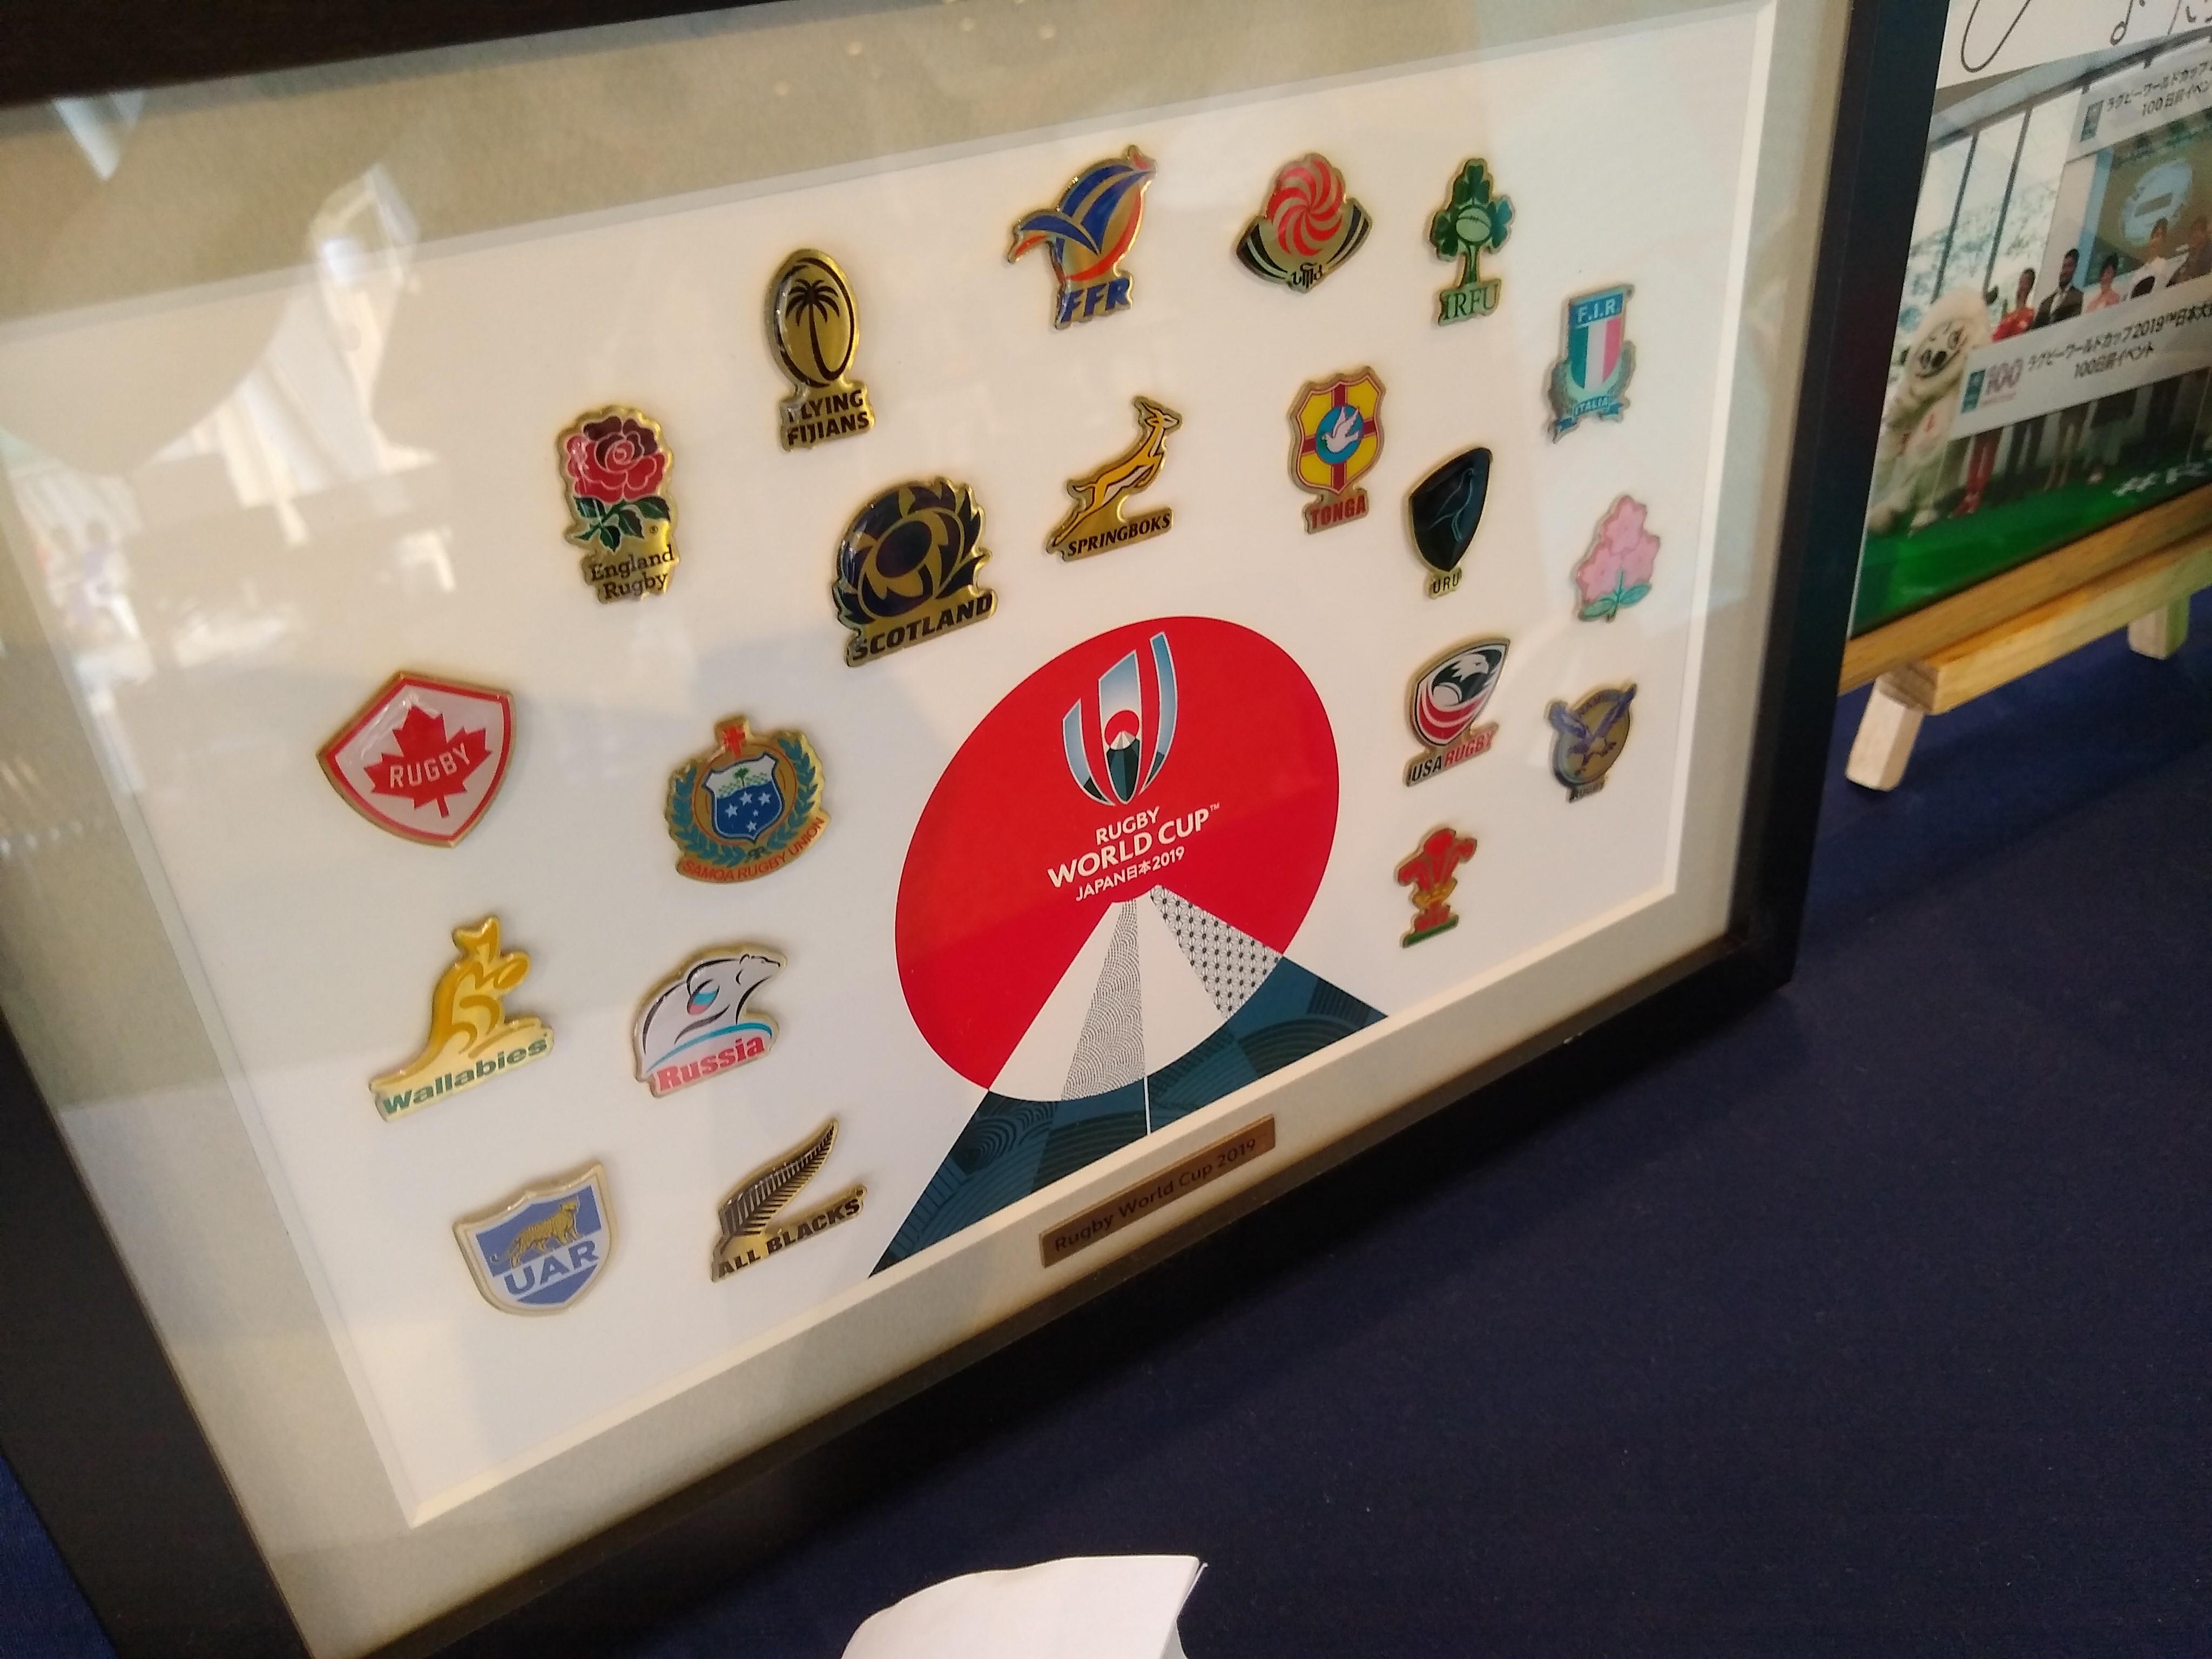 ラグビーワールドカップ出場国の代表チームエンブレム